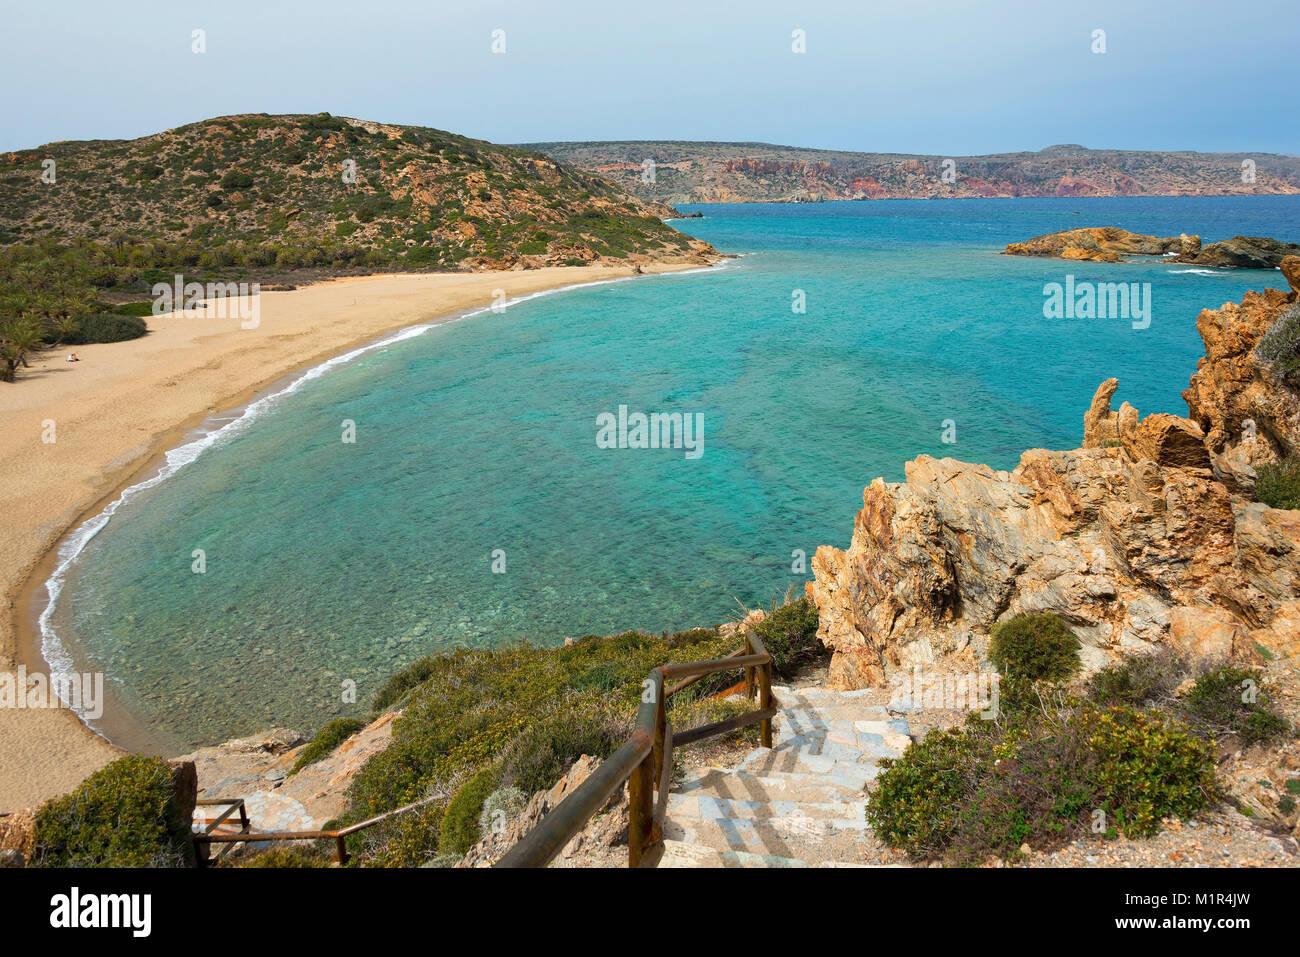 Fr 2 771 kr. På Kreta finnes det noe for alle.